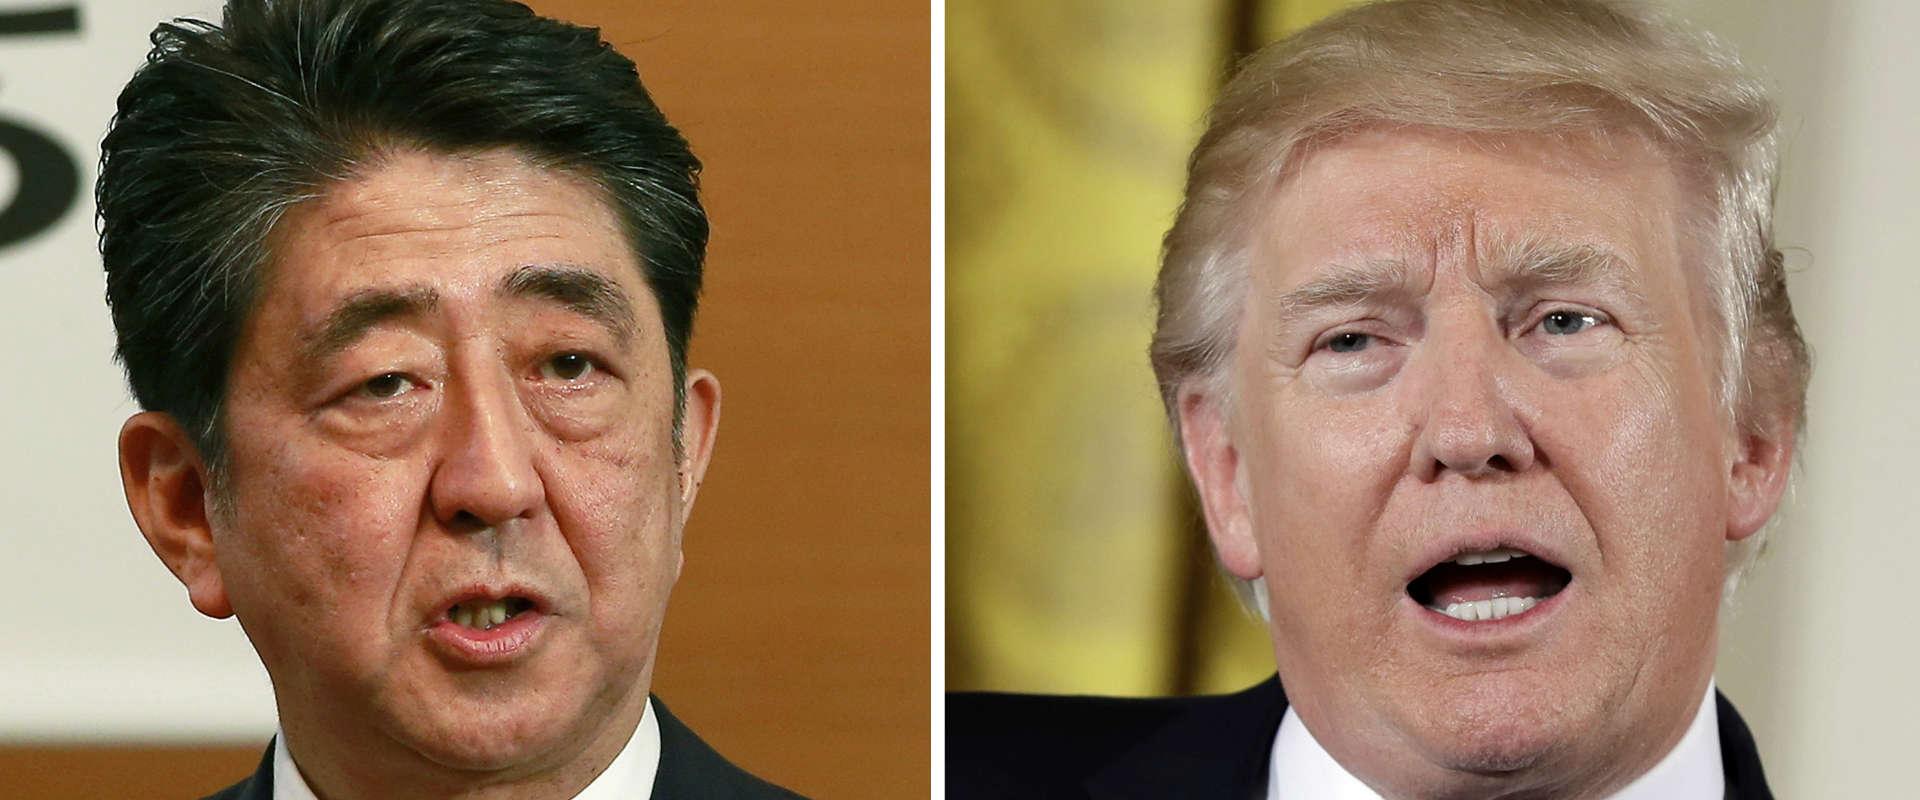 נשיא ארצות הברית דונלד טראמפ וראש ממשלת יפן שינזו